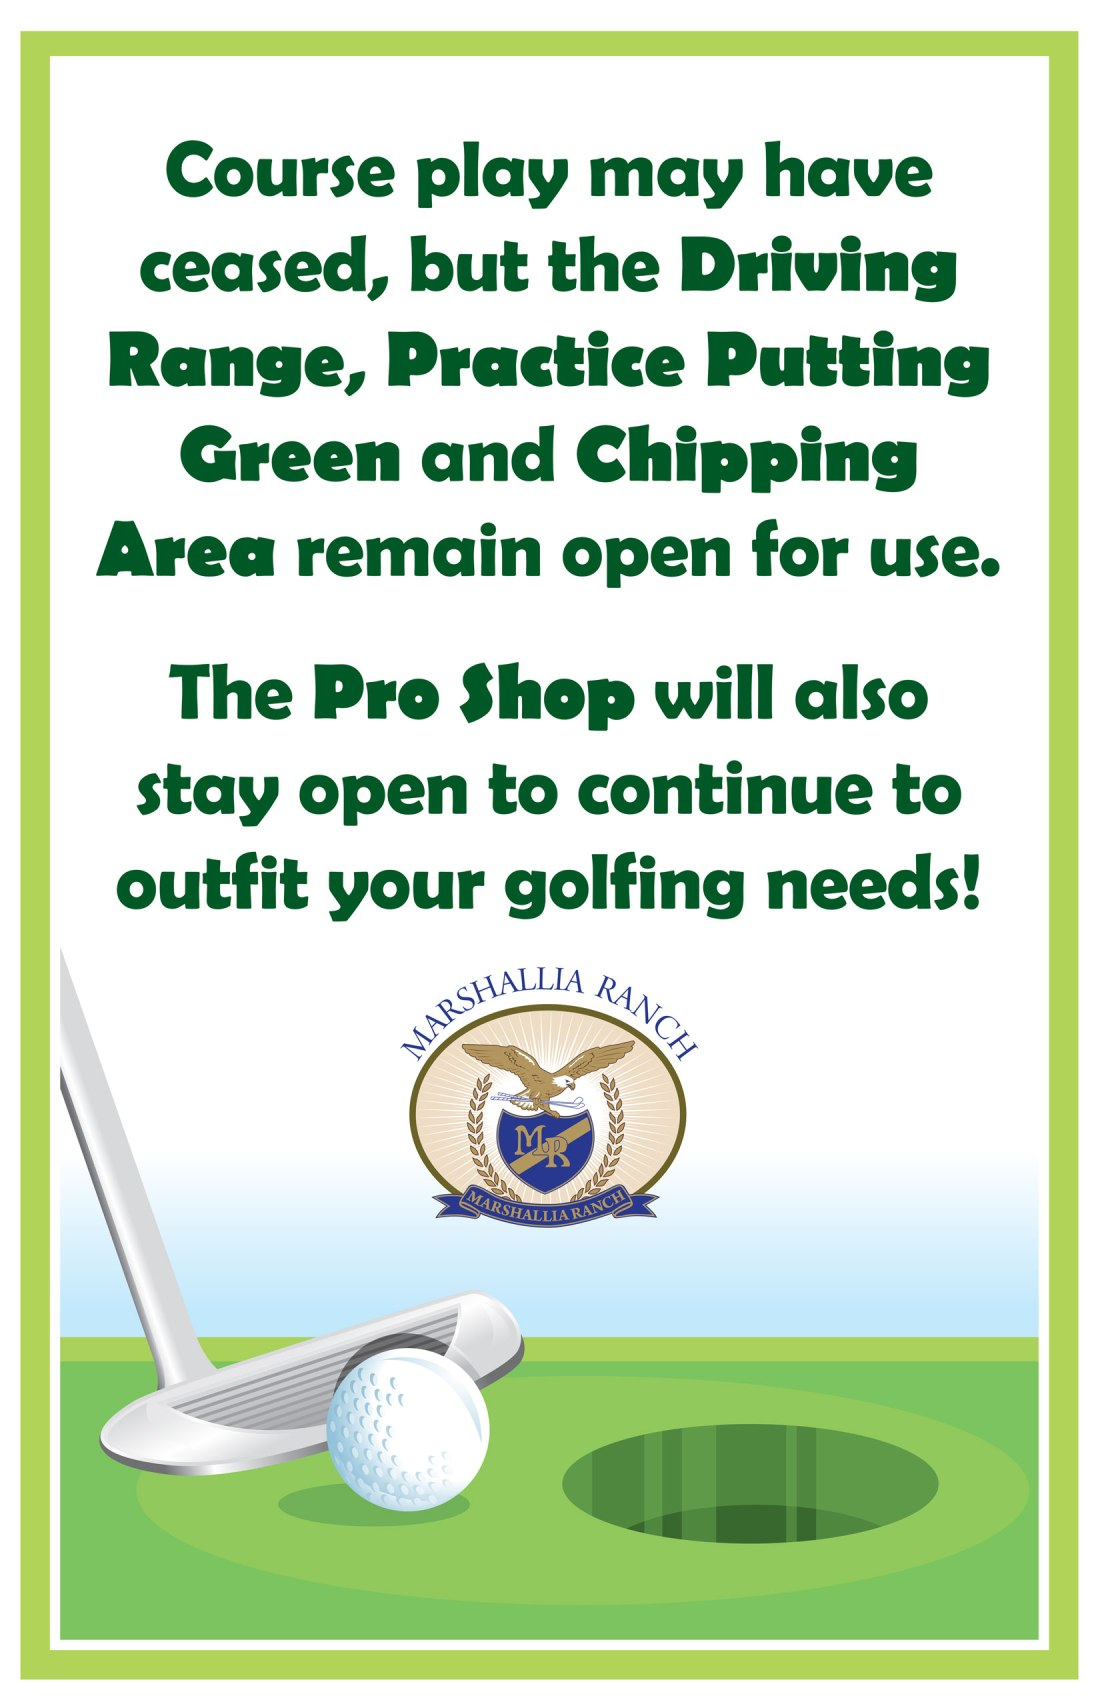 golfstillheresign